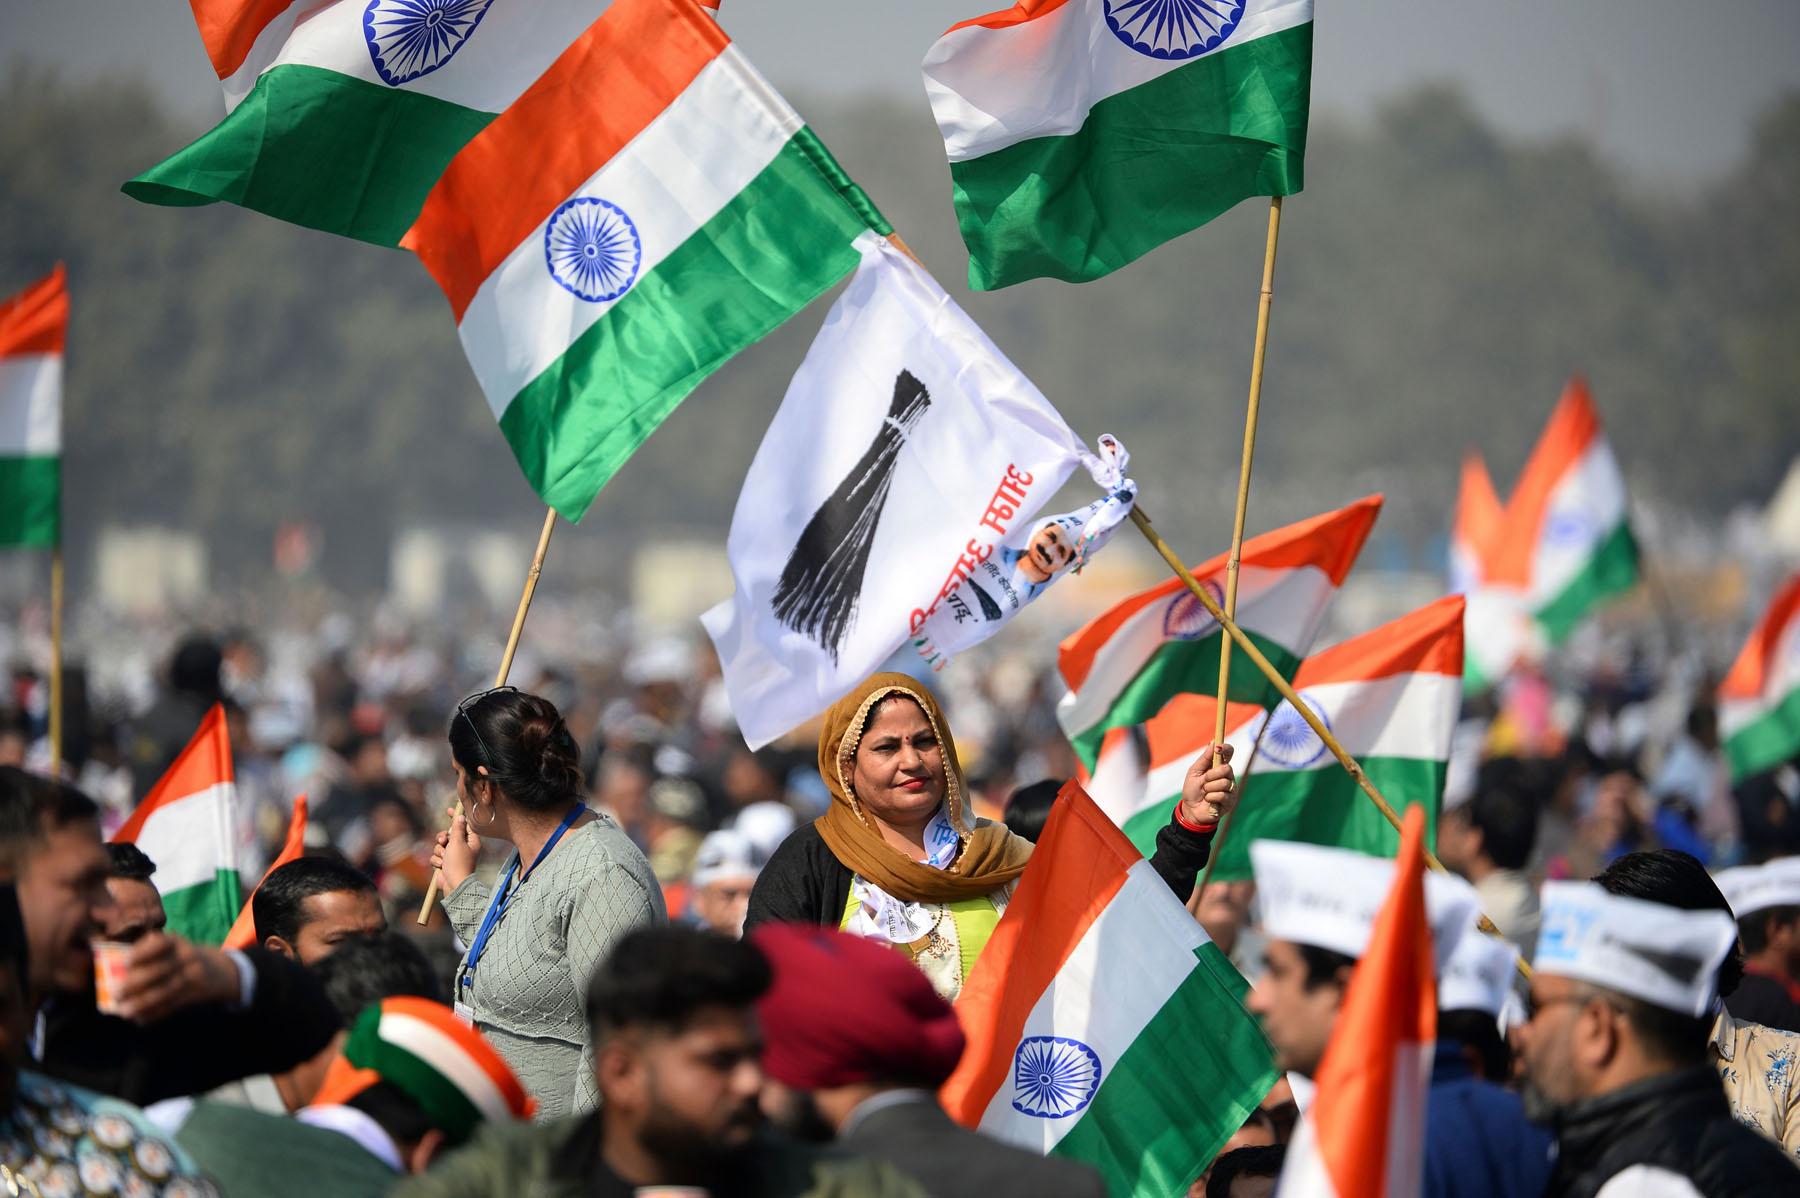 केजरीवालद्वारा दिल्लीको मुख्यमन्त्रीमा तेस्रो कार्यकालको सपथ ग्रहण